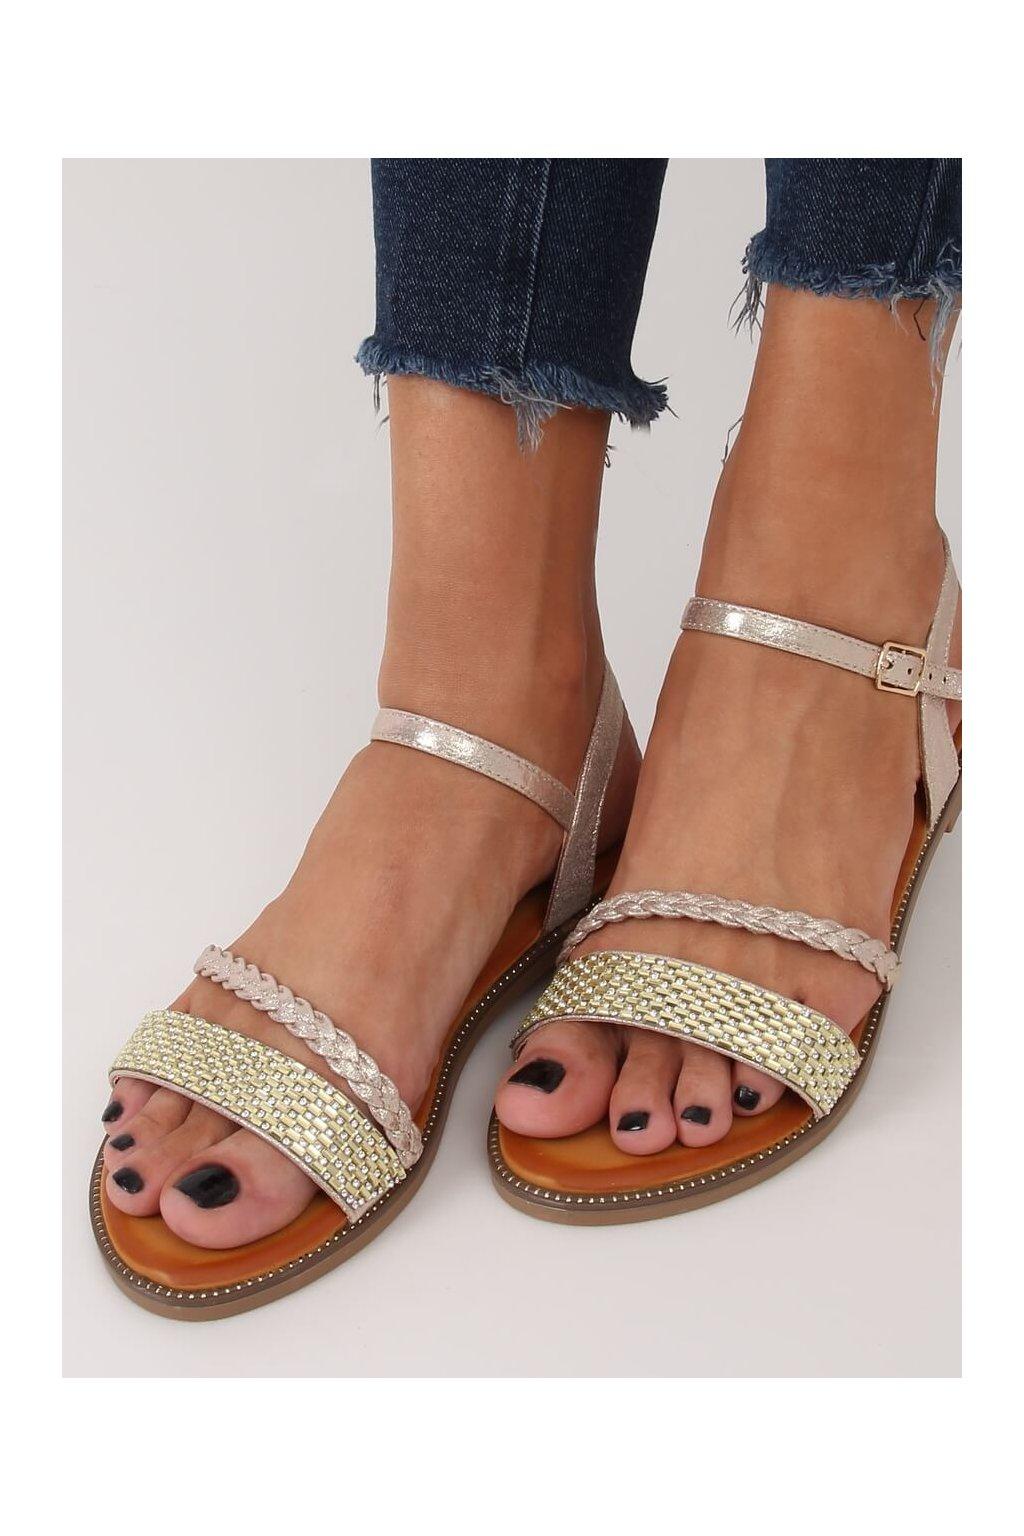 Dámske sandále s plochou podrážkou zlaté na plochom podpätku 620-62